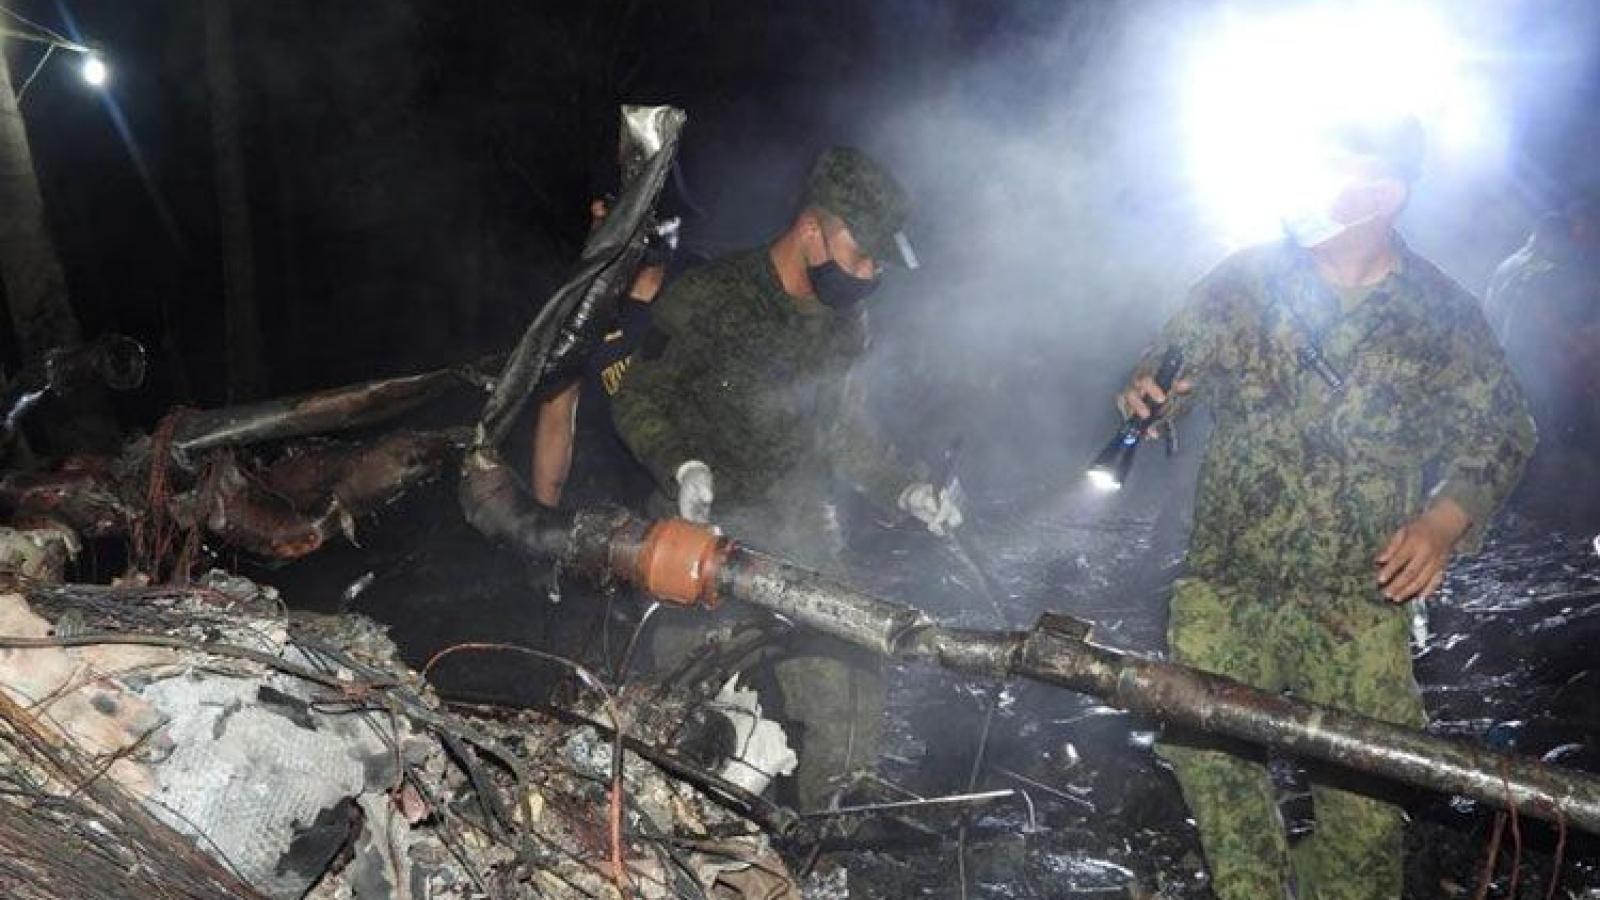 Philippines kết thúc tìm kiếm máy bay rơi với 52 người thiệt mạng